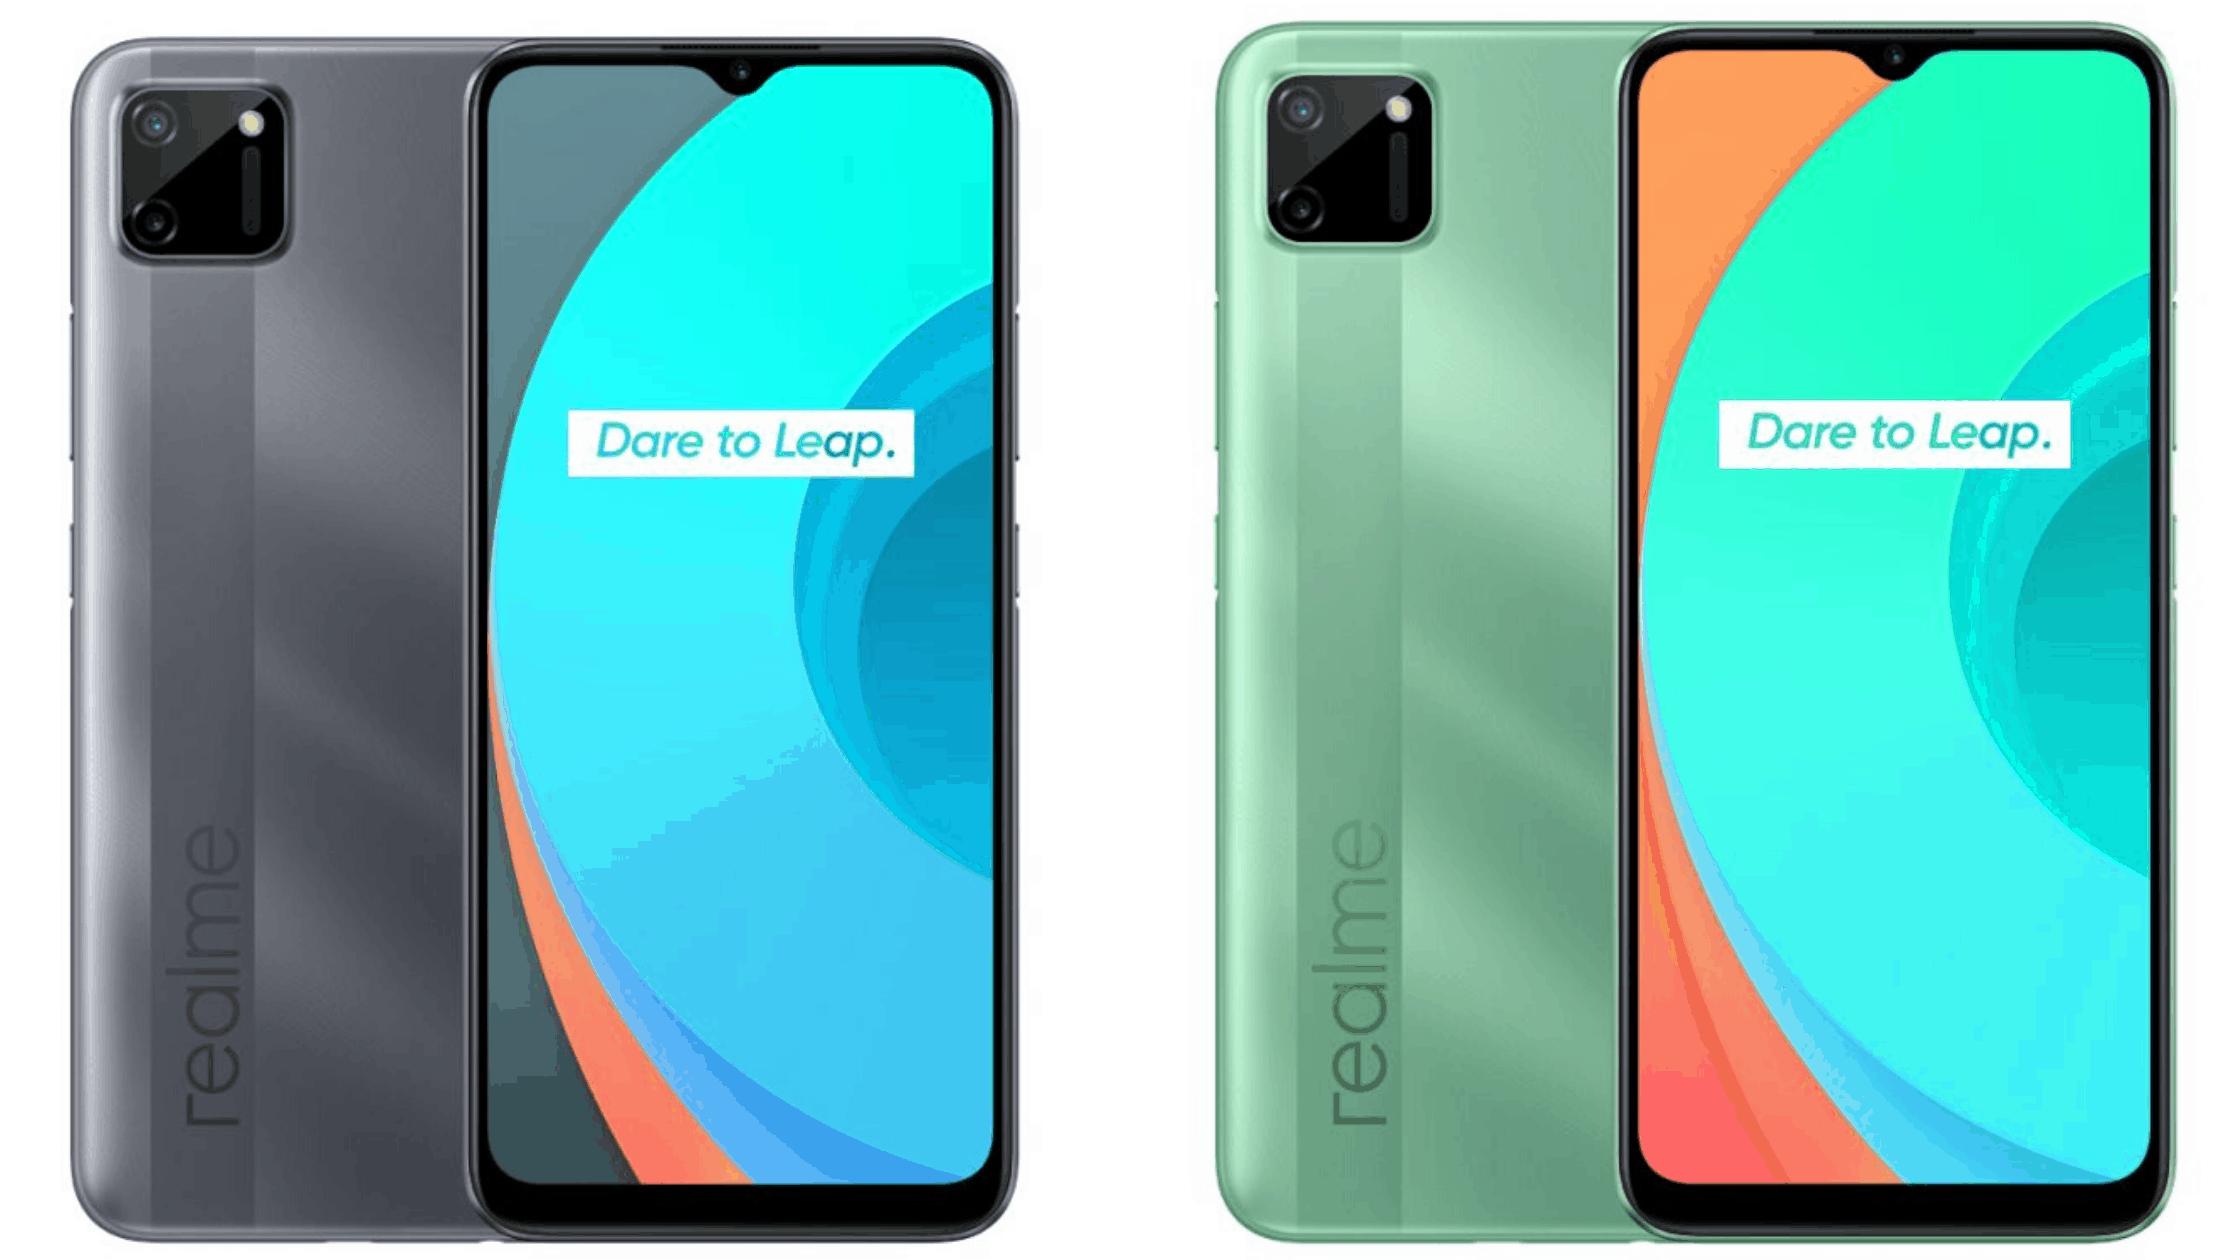 """Realme C11 memiliki desain bodi belakang baru yang disebut """"Geometric Design"""". Dengan permukaan yang dibuat bertekstur seperti relame C2, tetapi desain kameranya sudah sangat berbeda."""